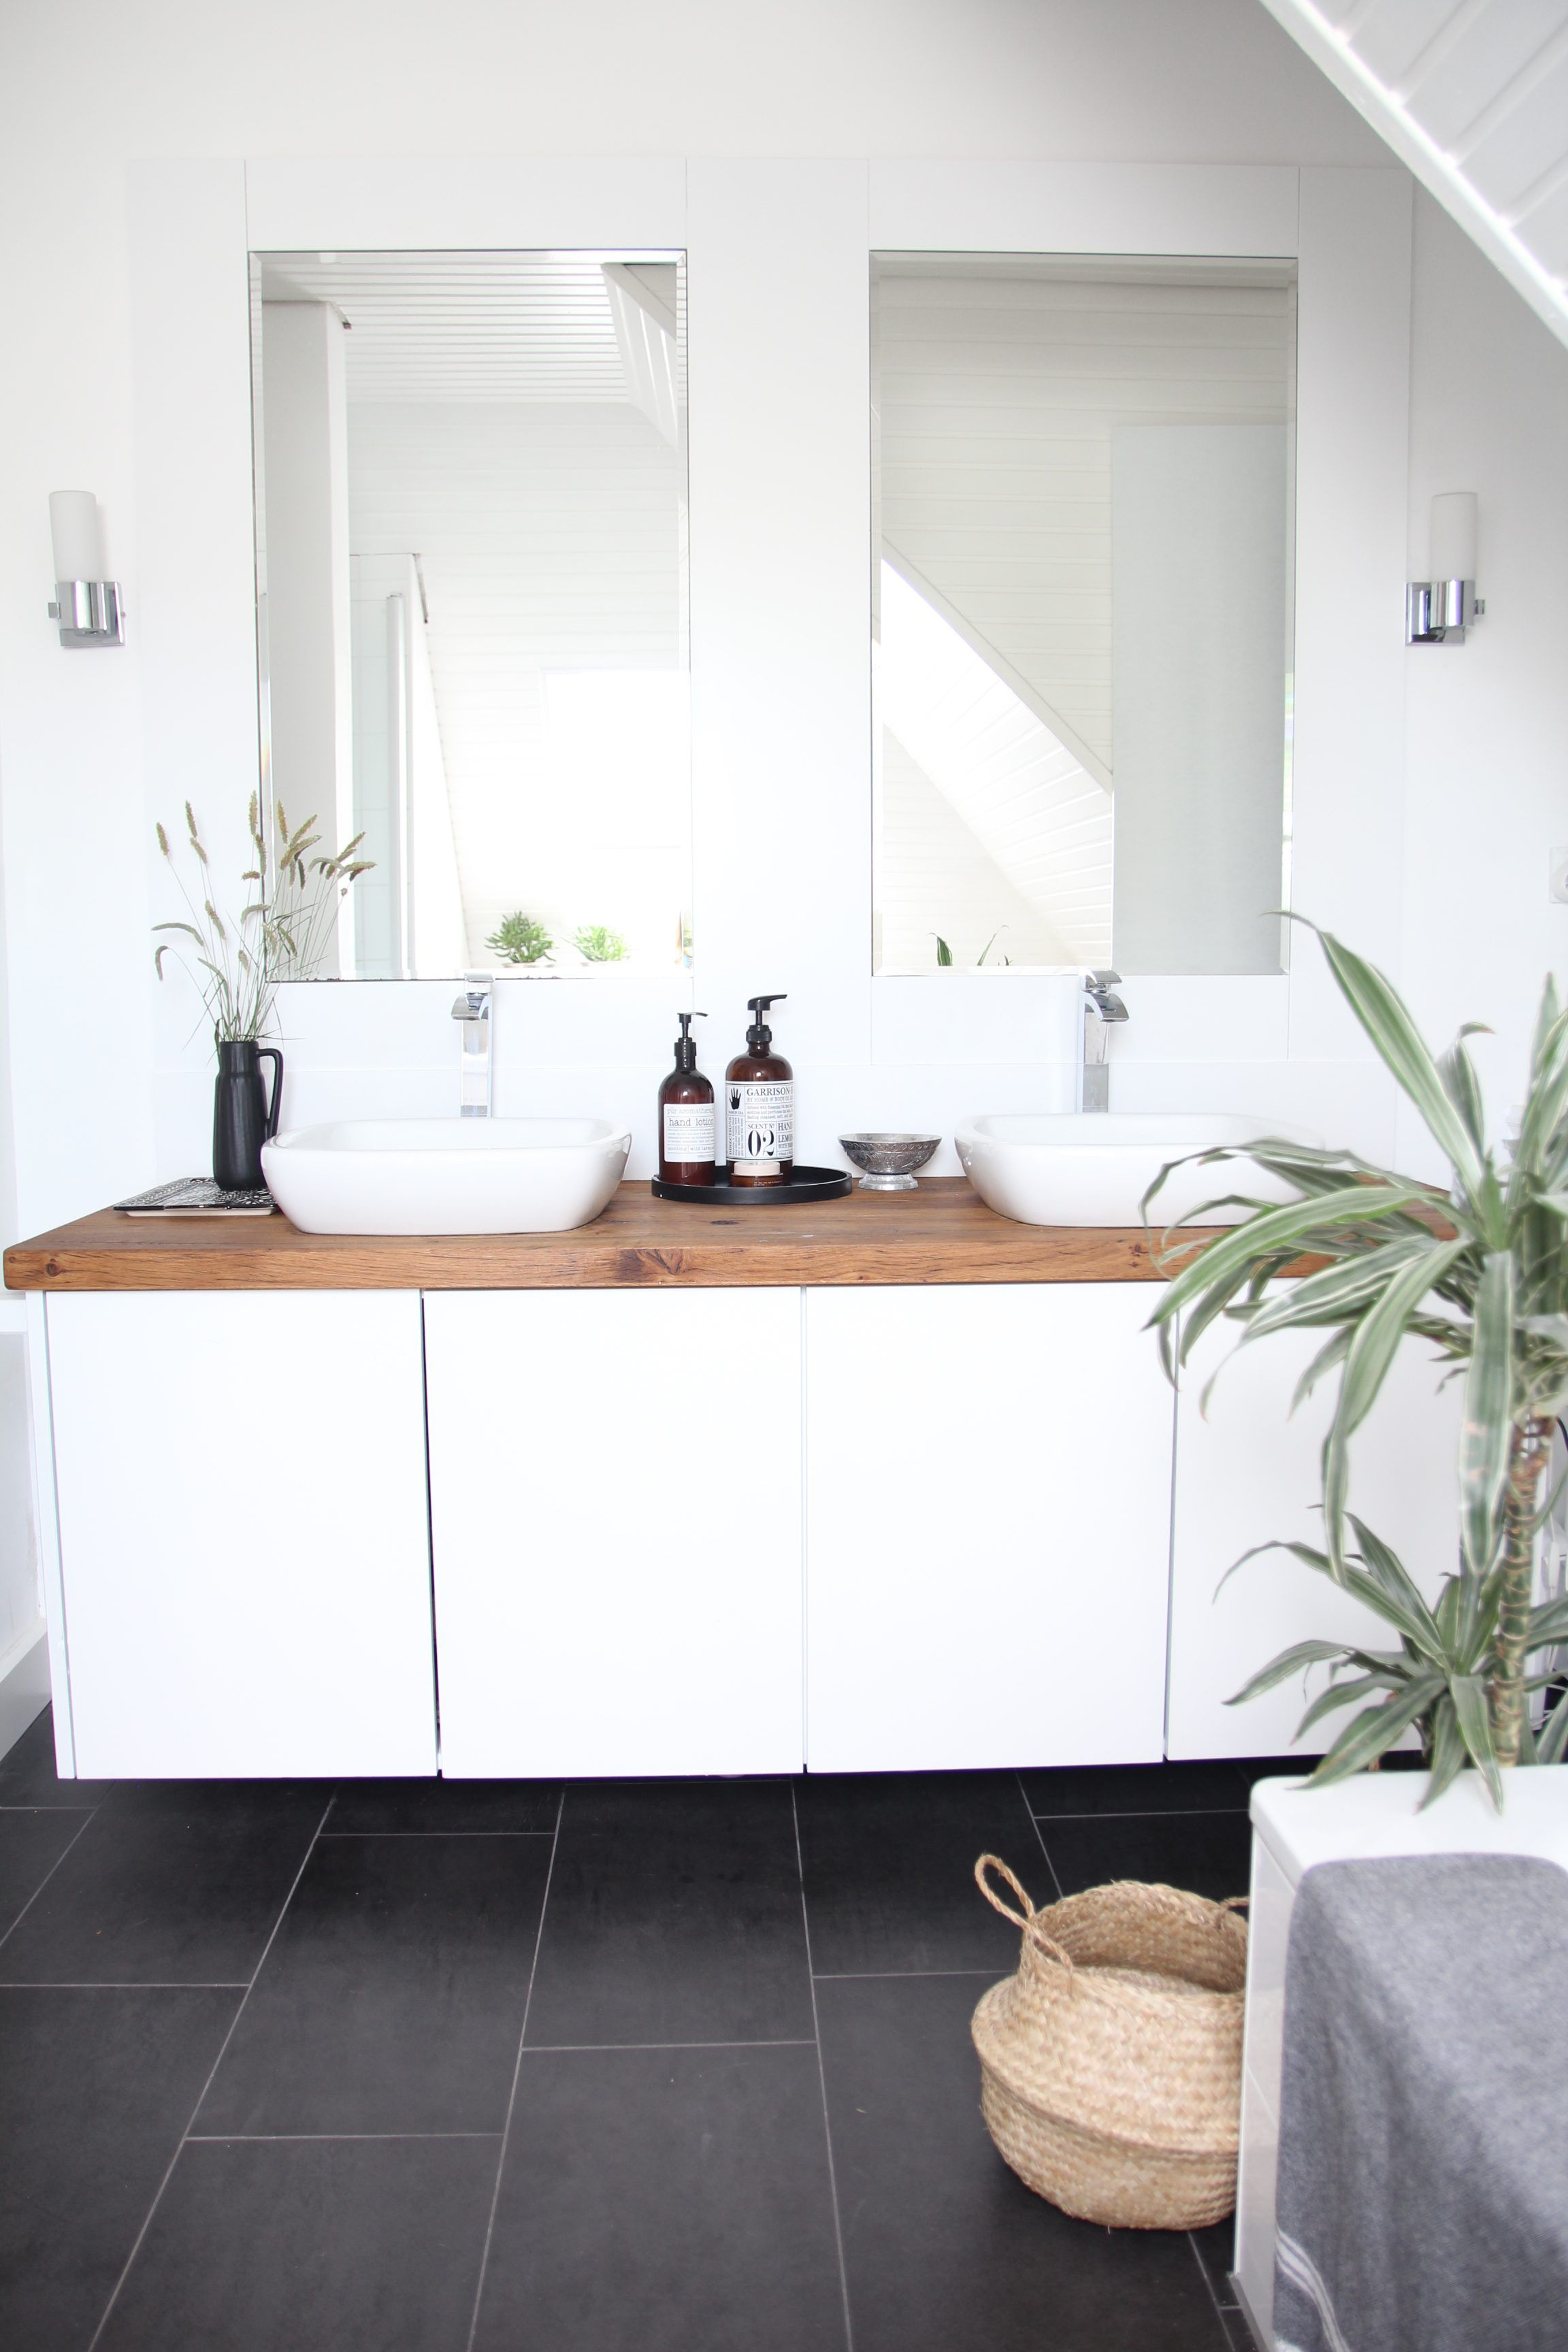 badezimmer selbst renovieren vorher nachher badezimmer renovieren bad sanieren und vorher. Black Bedroom Furniture Sets. Home Design Ideas